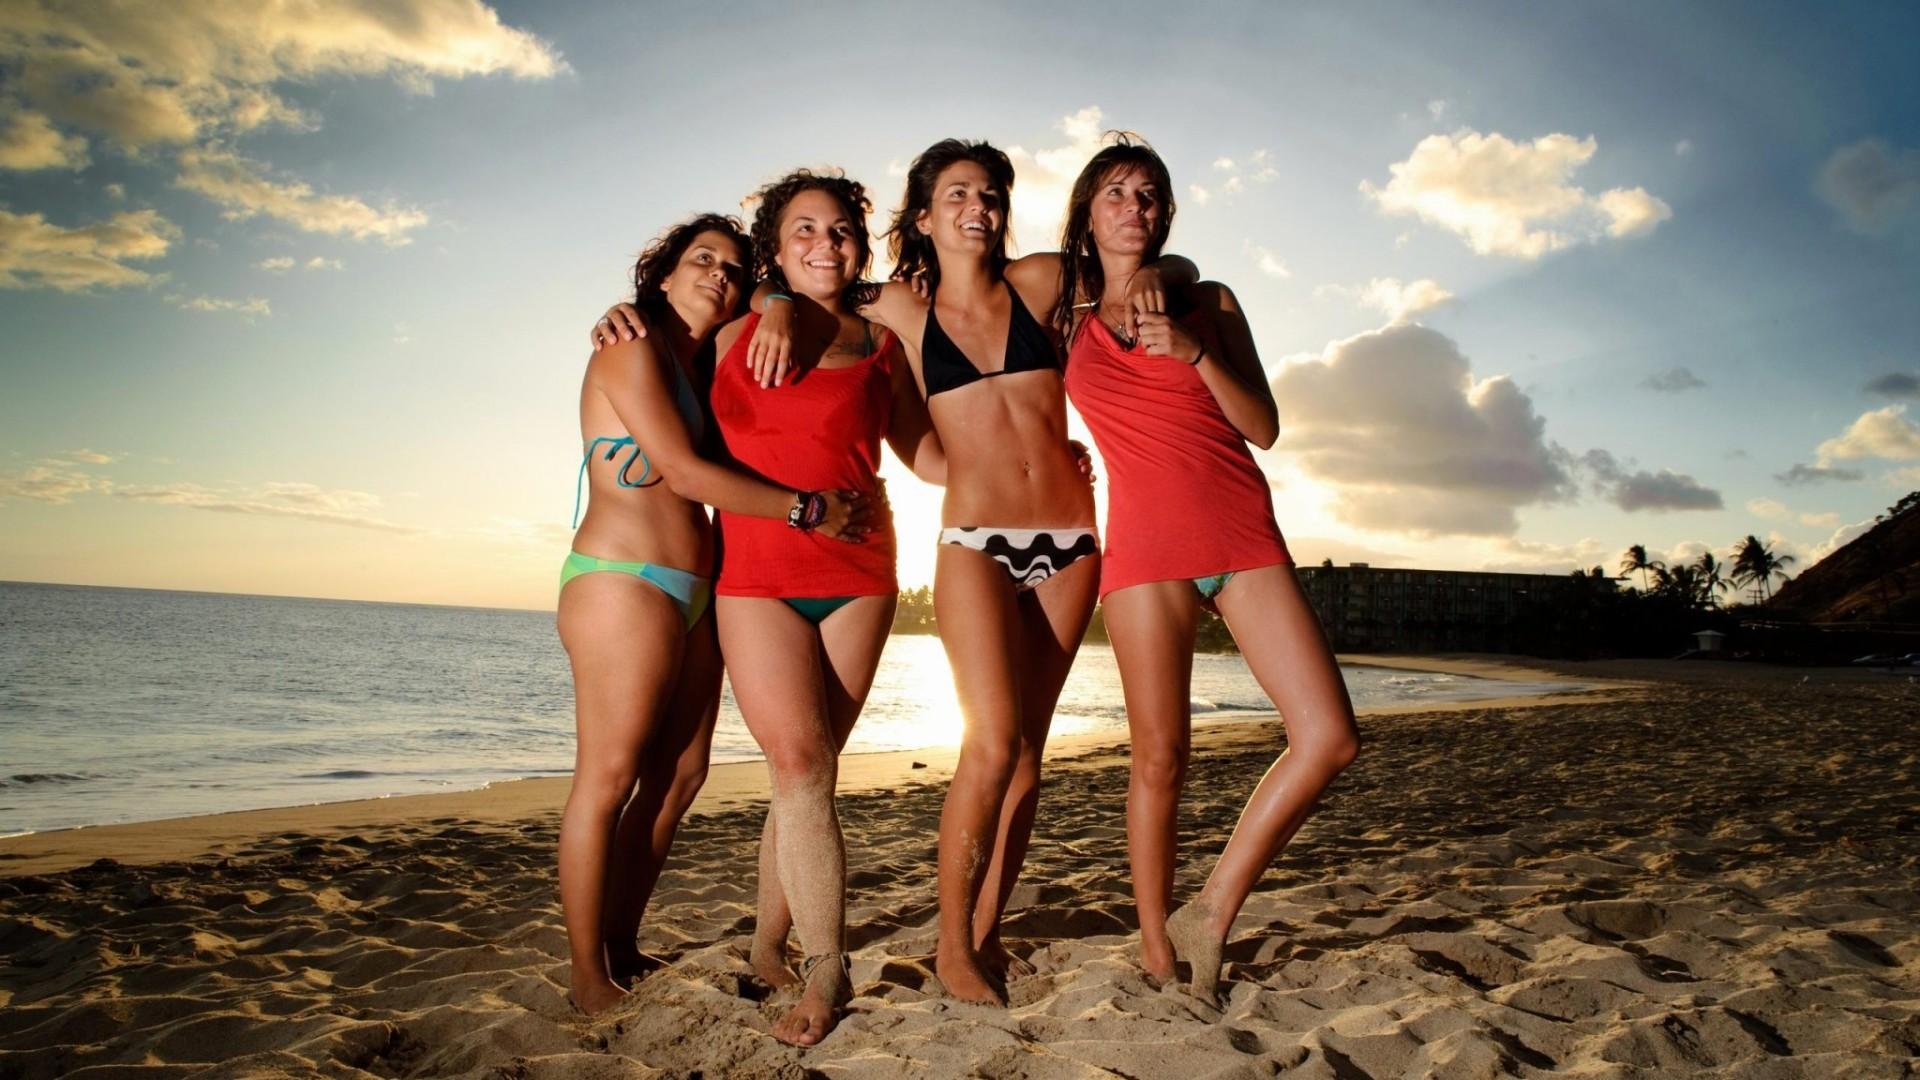 Beach Girls  HD Wallpaper